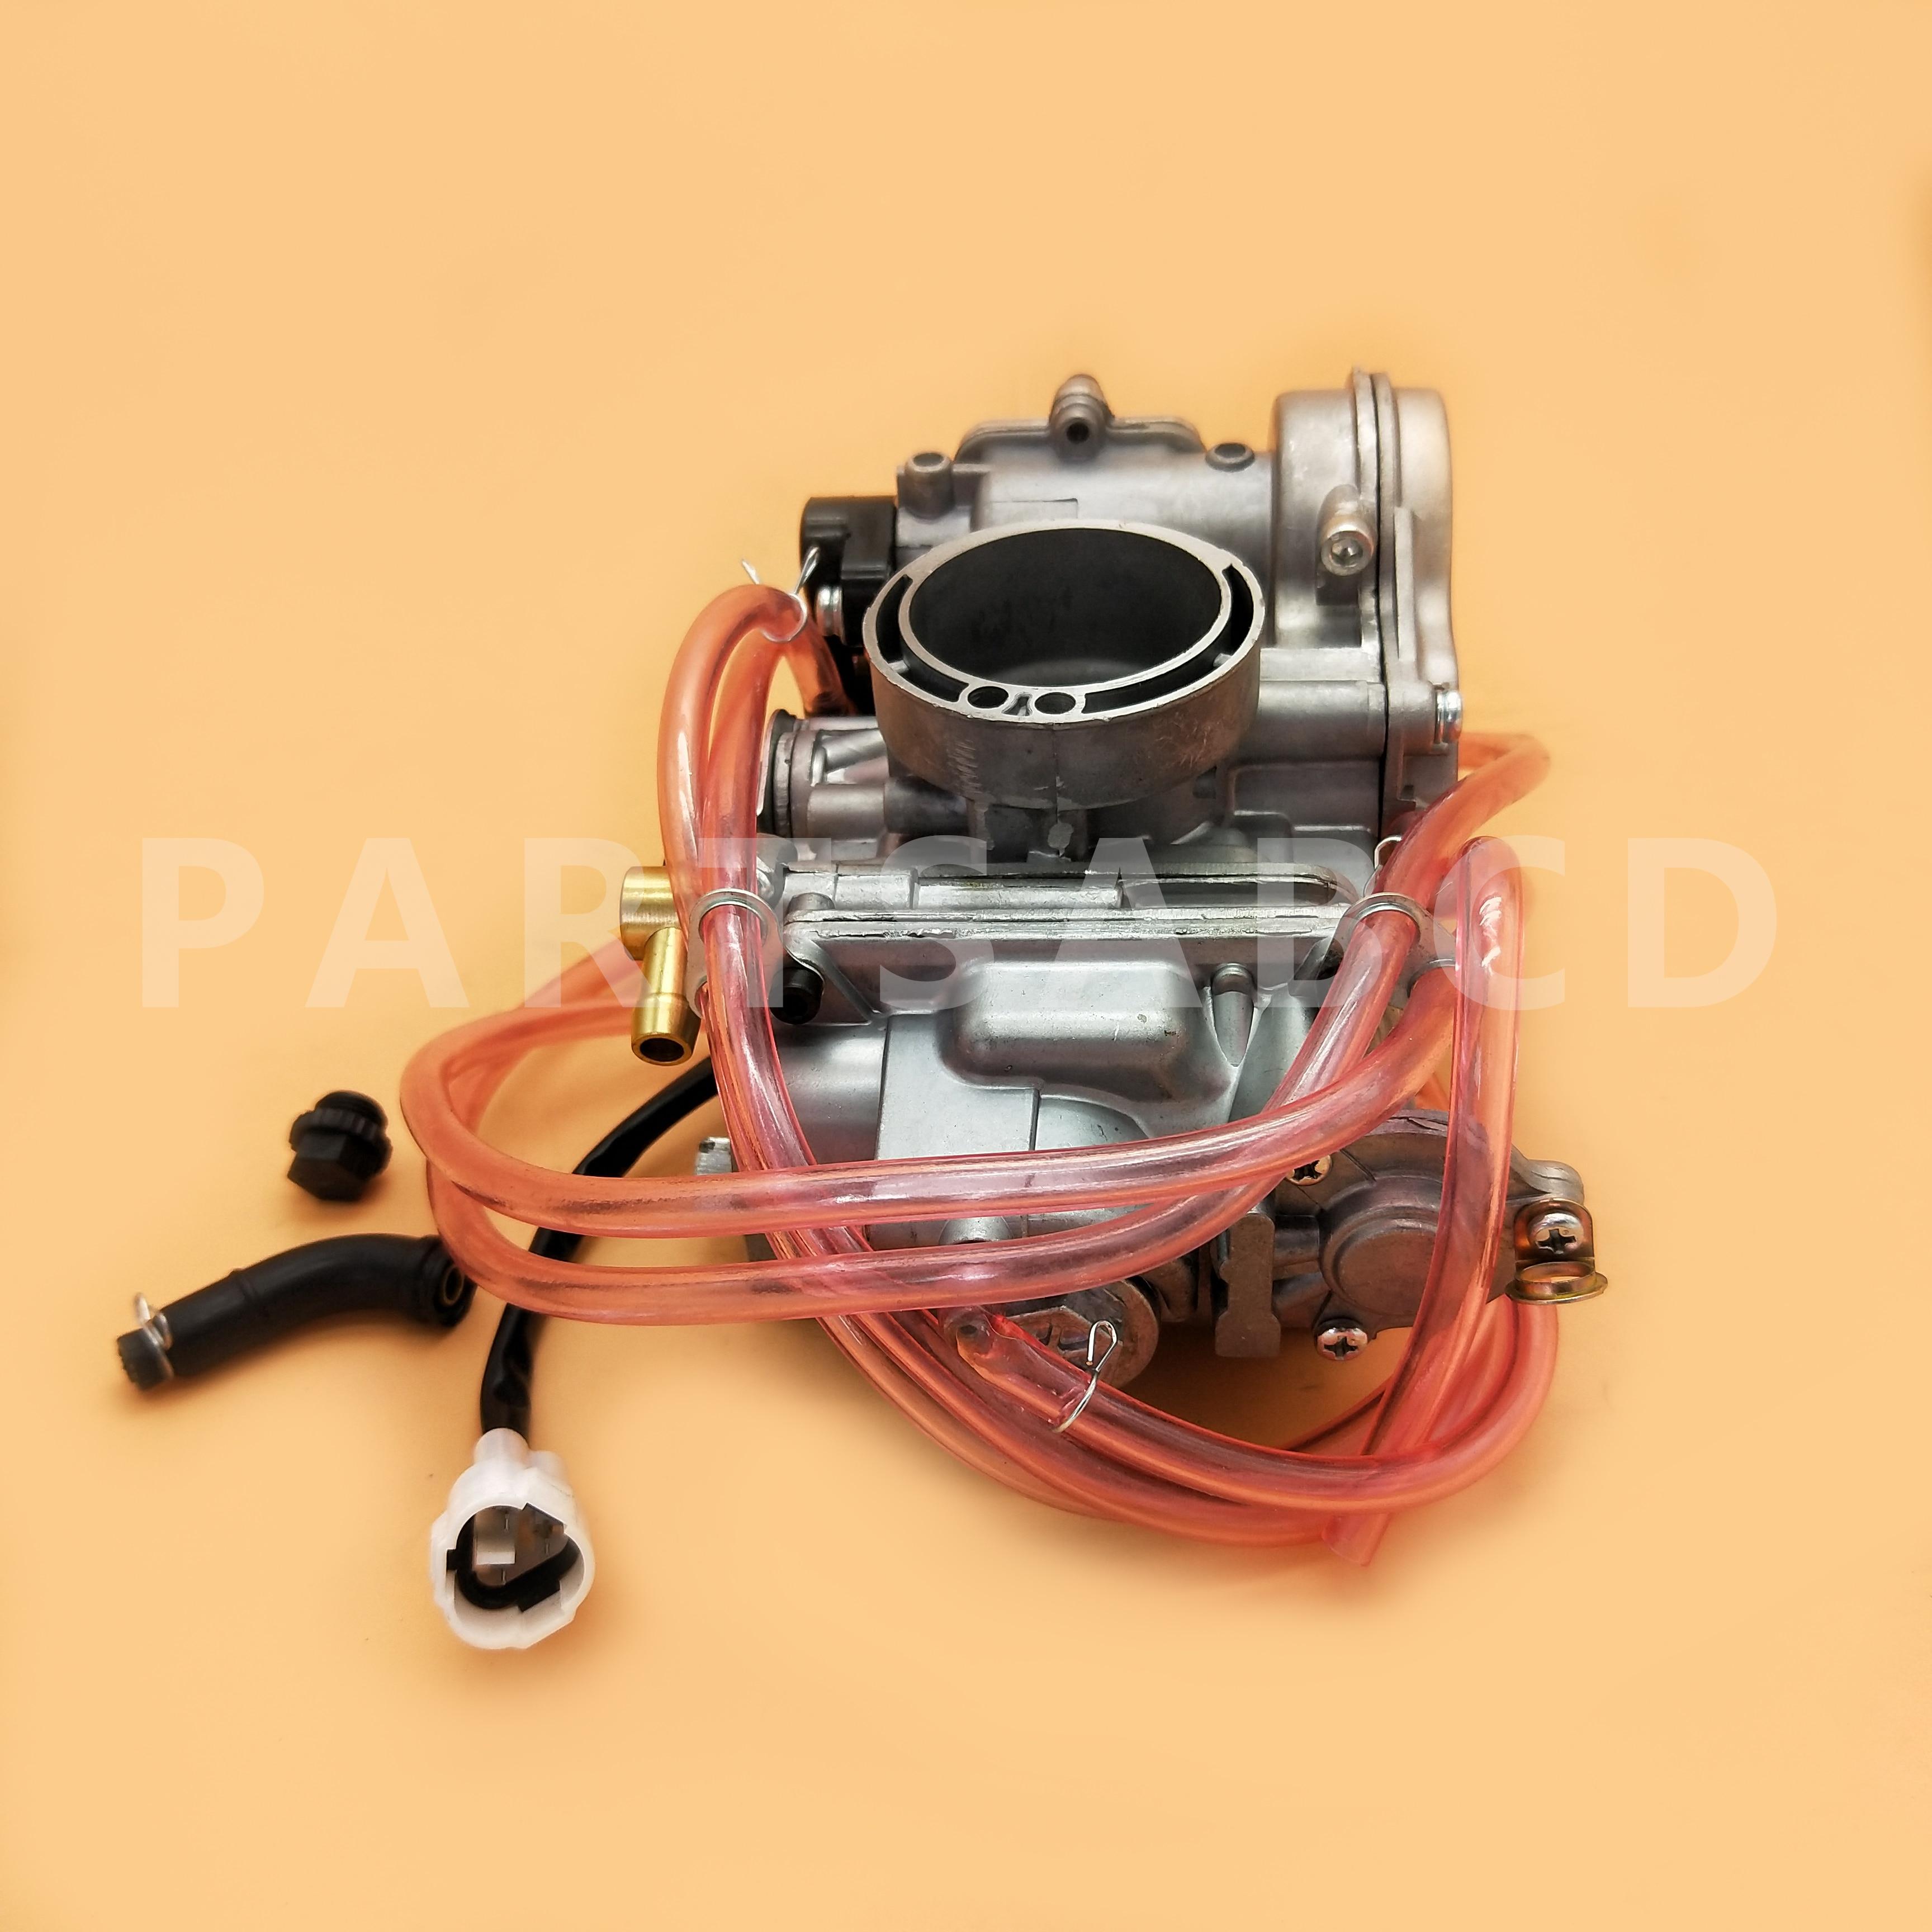 Карбюратор ПОДХОДИТ ДЛЯ Honda CRF 450 R CRF250R CRF450R RB-151 Carb 2002-2008